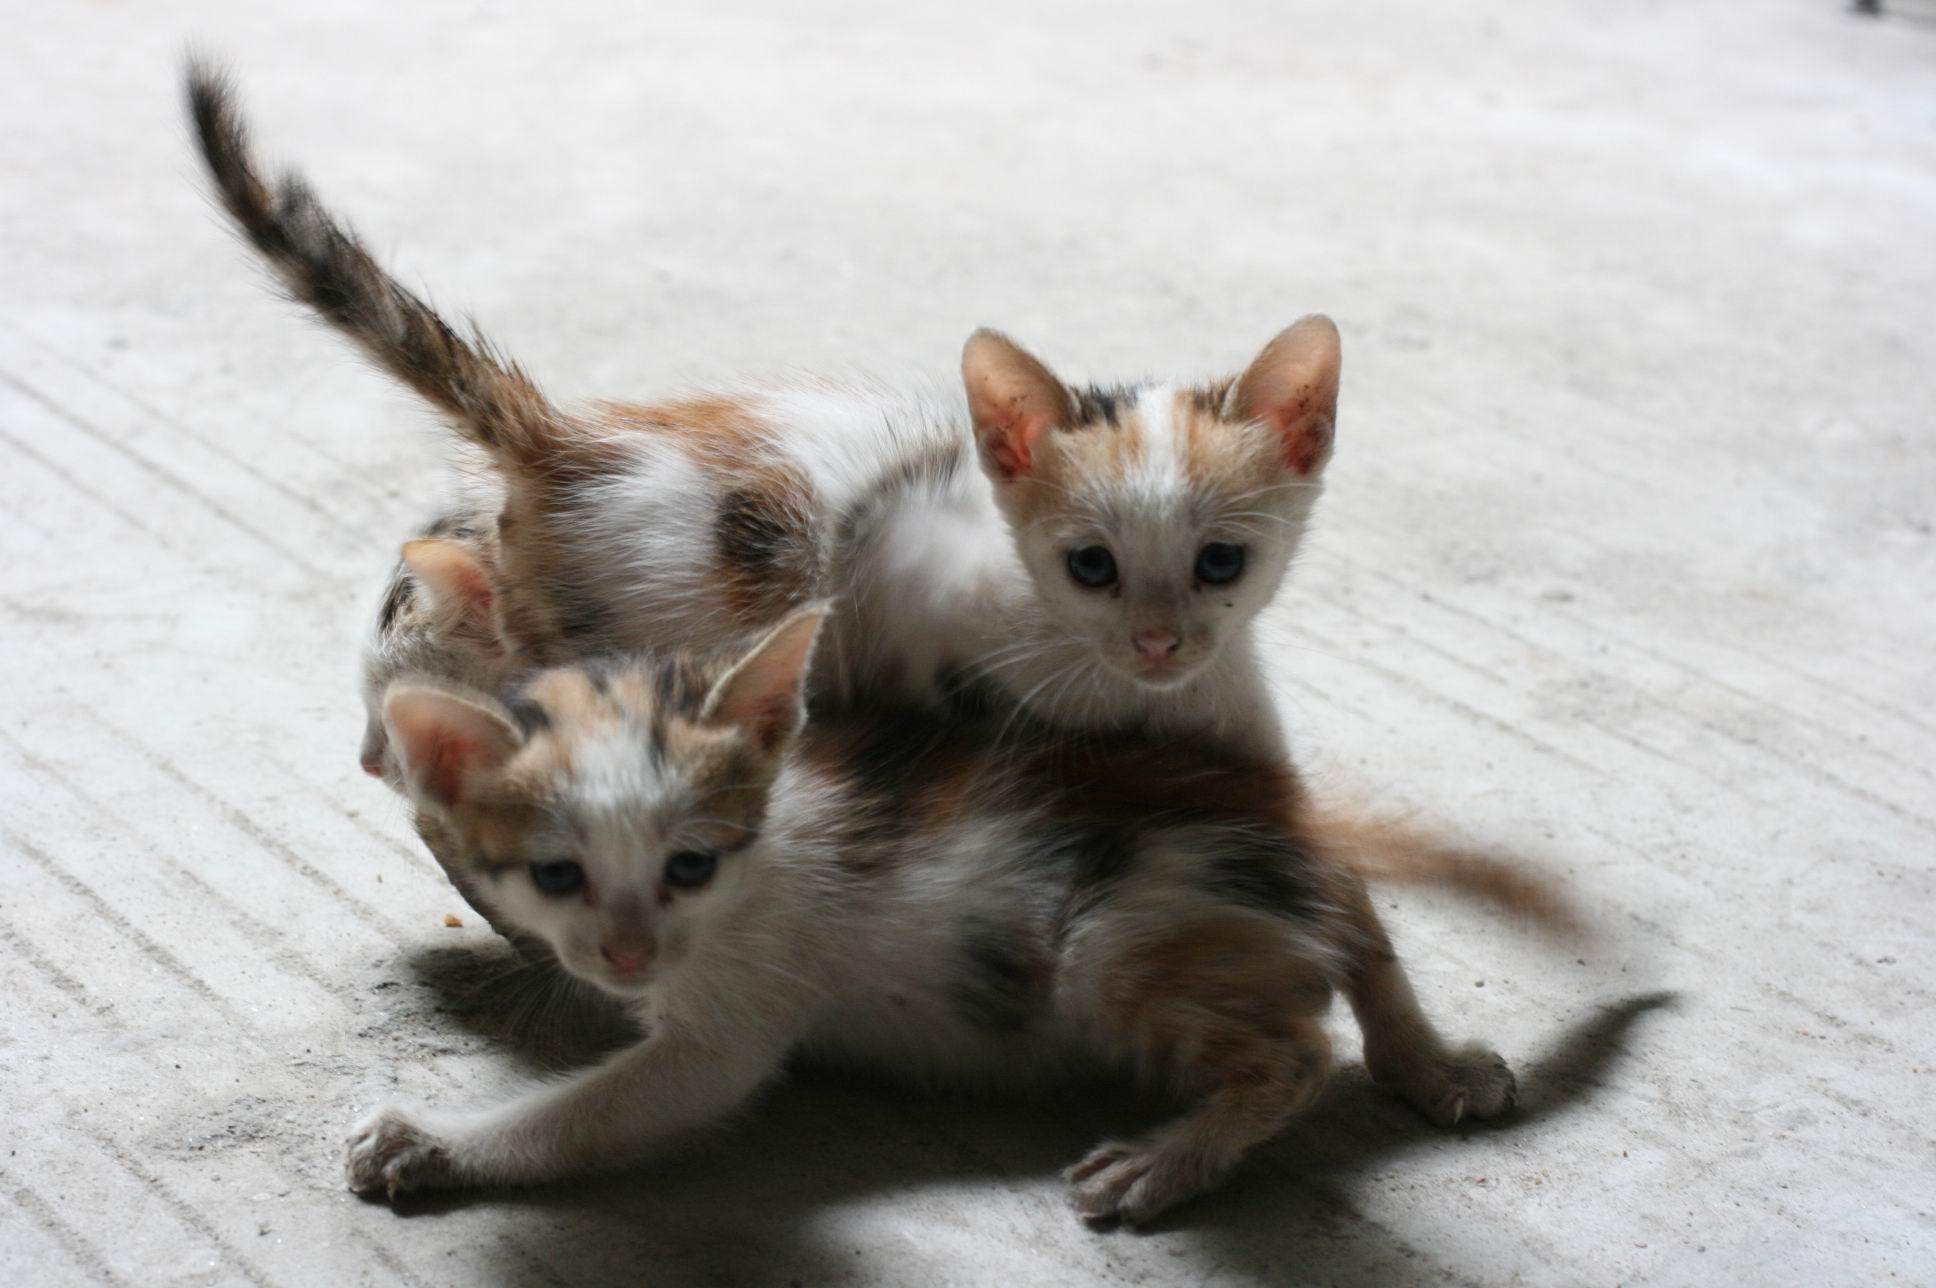 三只非常可爱的小猫等待爱心人士的领养